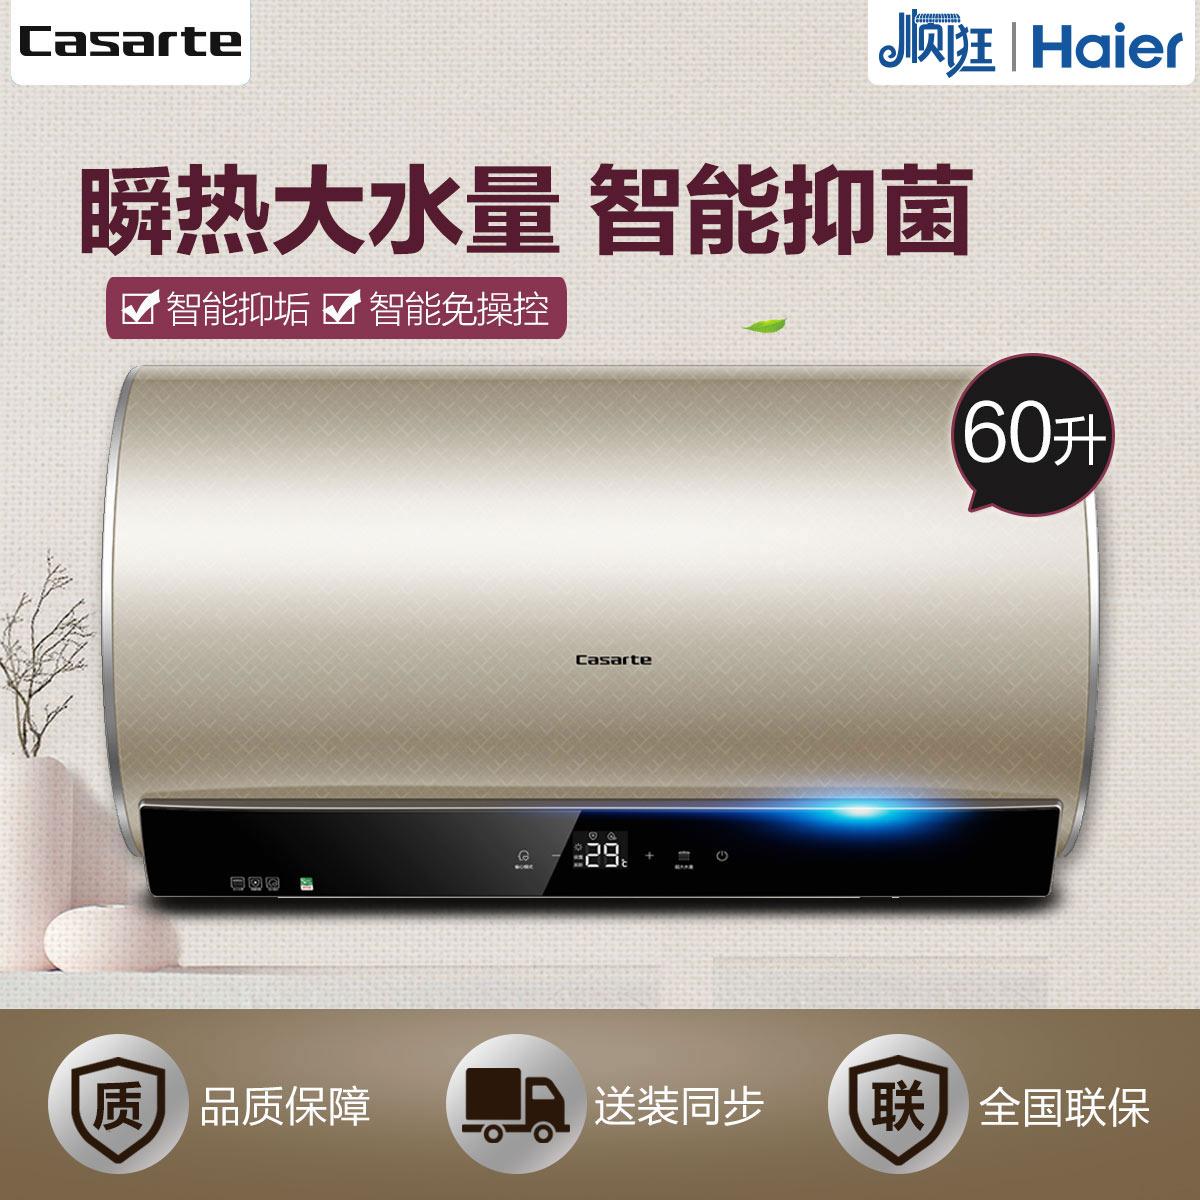 Casarte/卡萨帝             热水器             CEH-60V